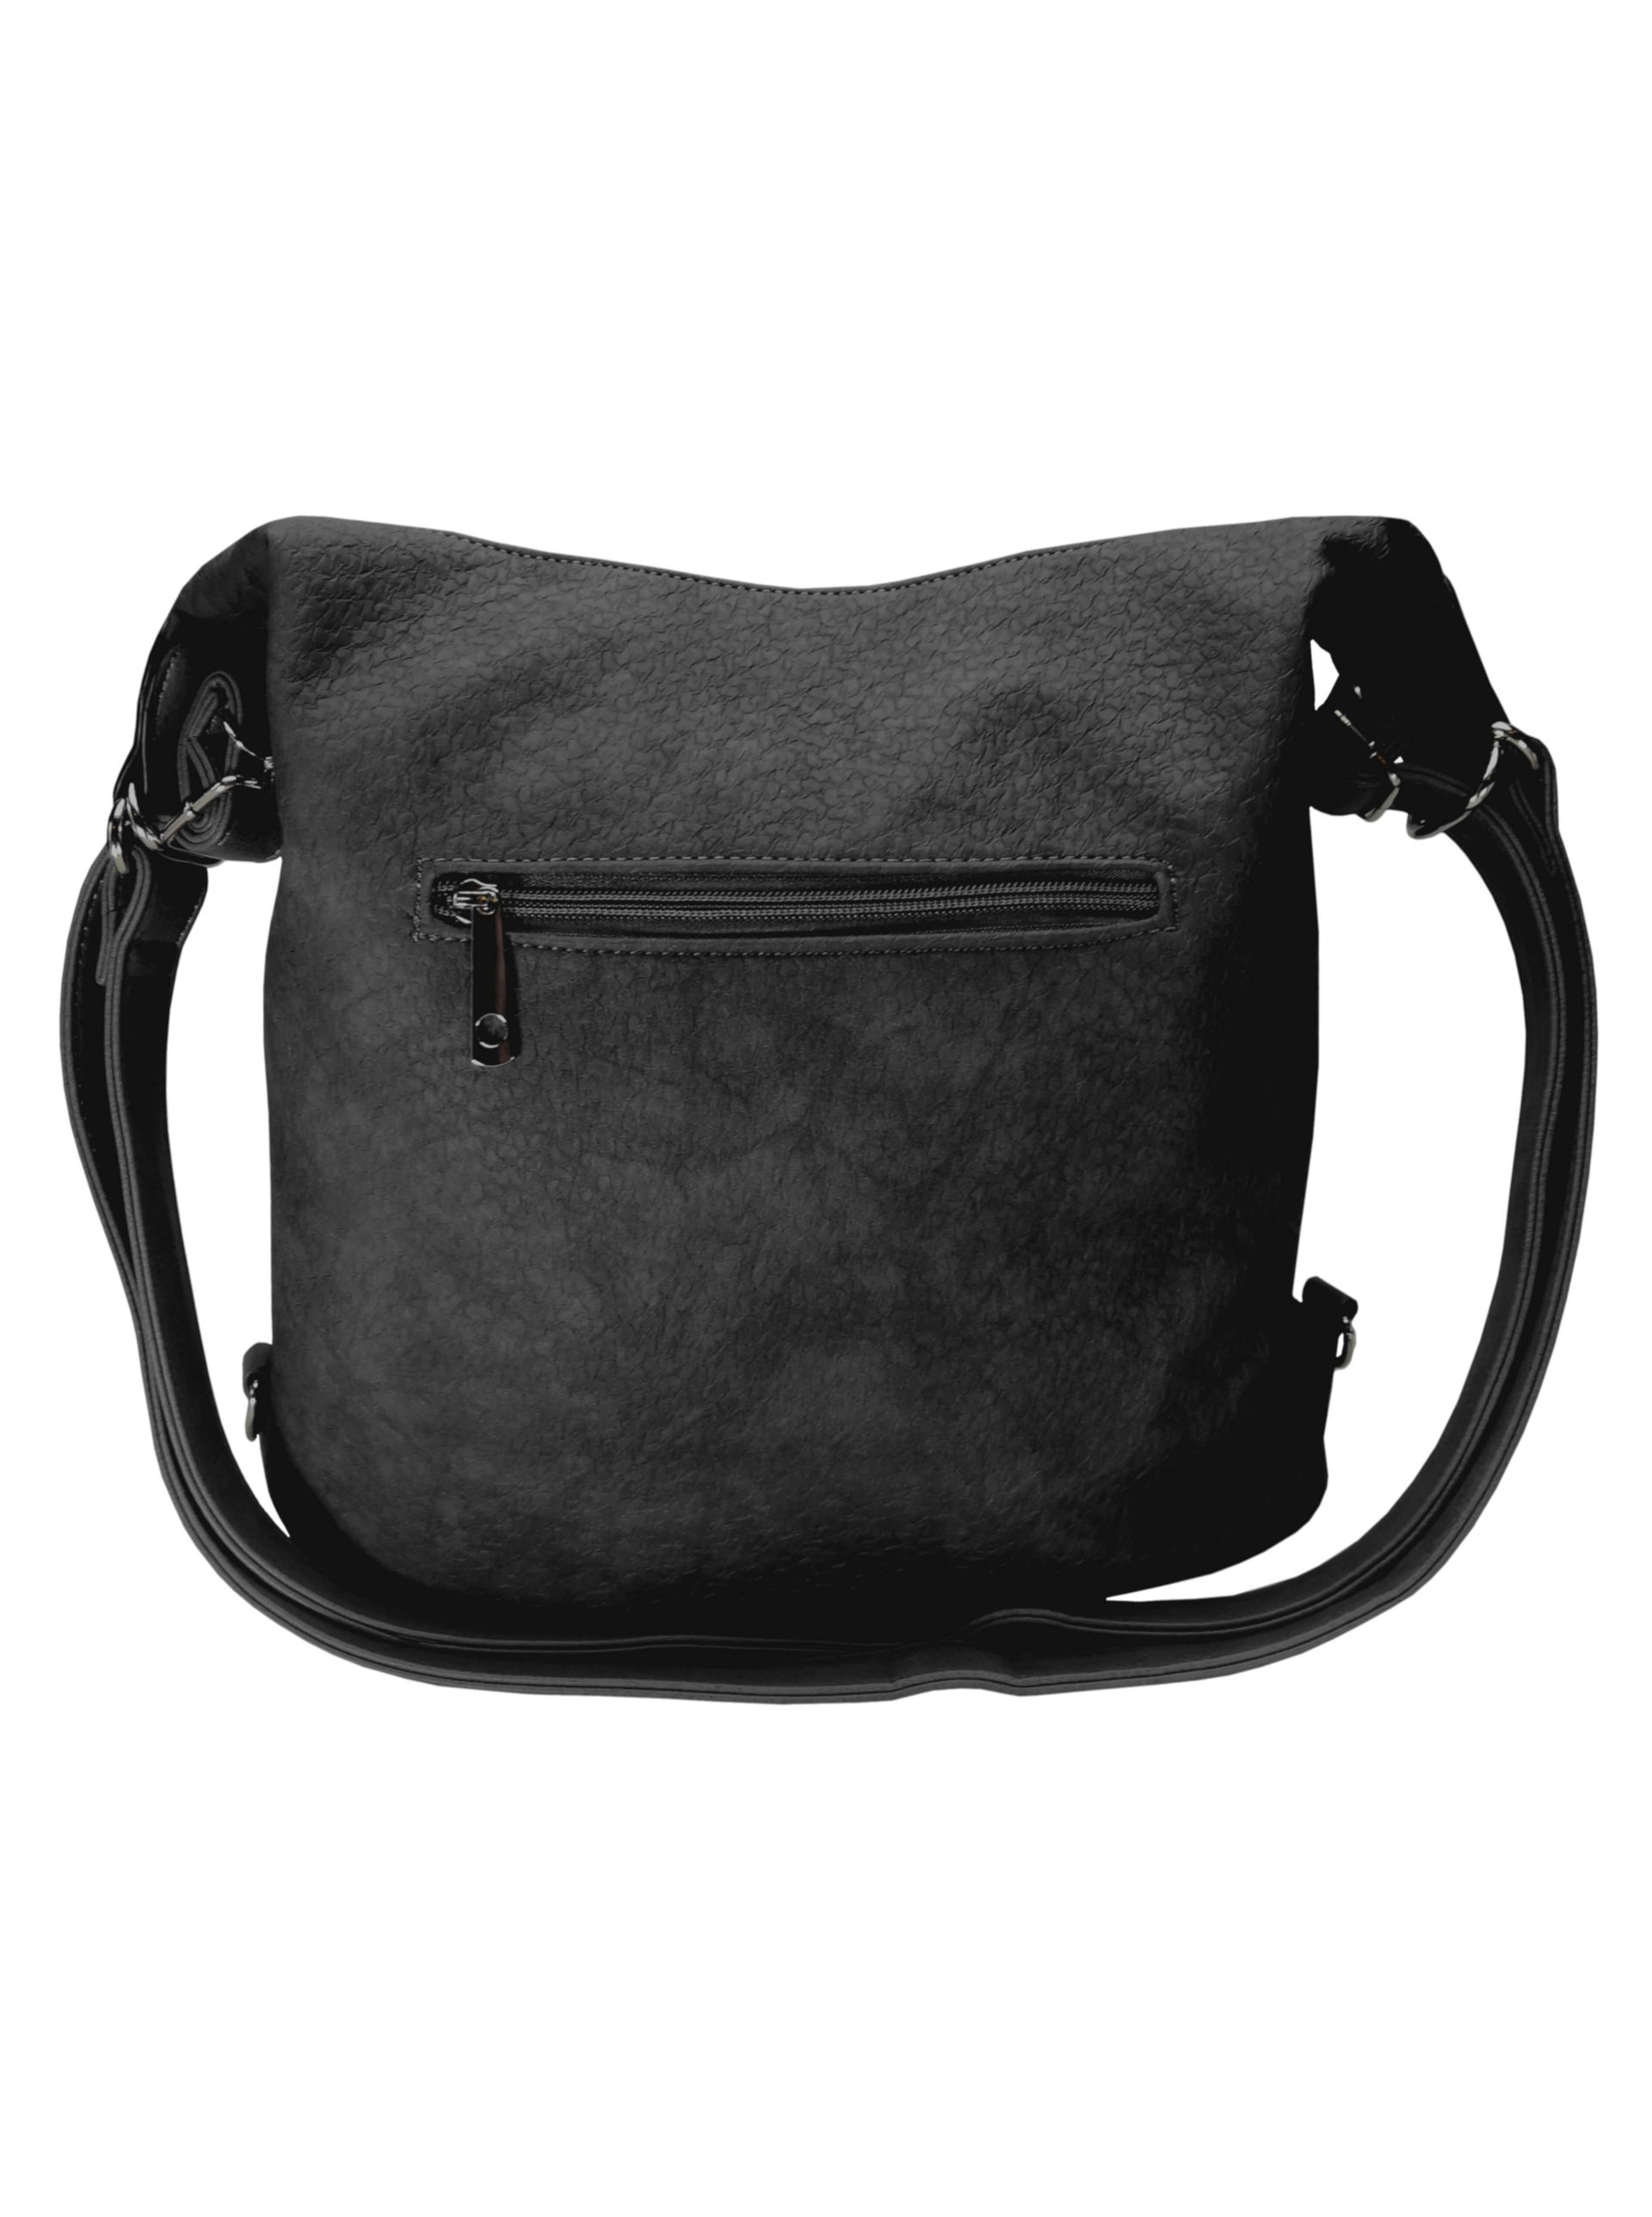 Velký dámský kabelko-batoh z eko kůže Tapple H18077 tmavě šedý zadní strana